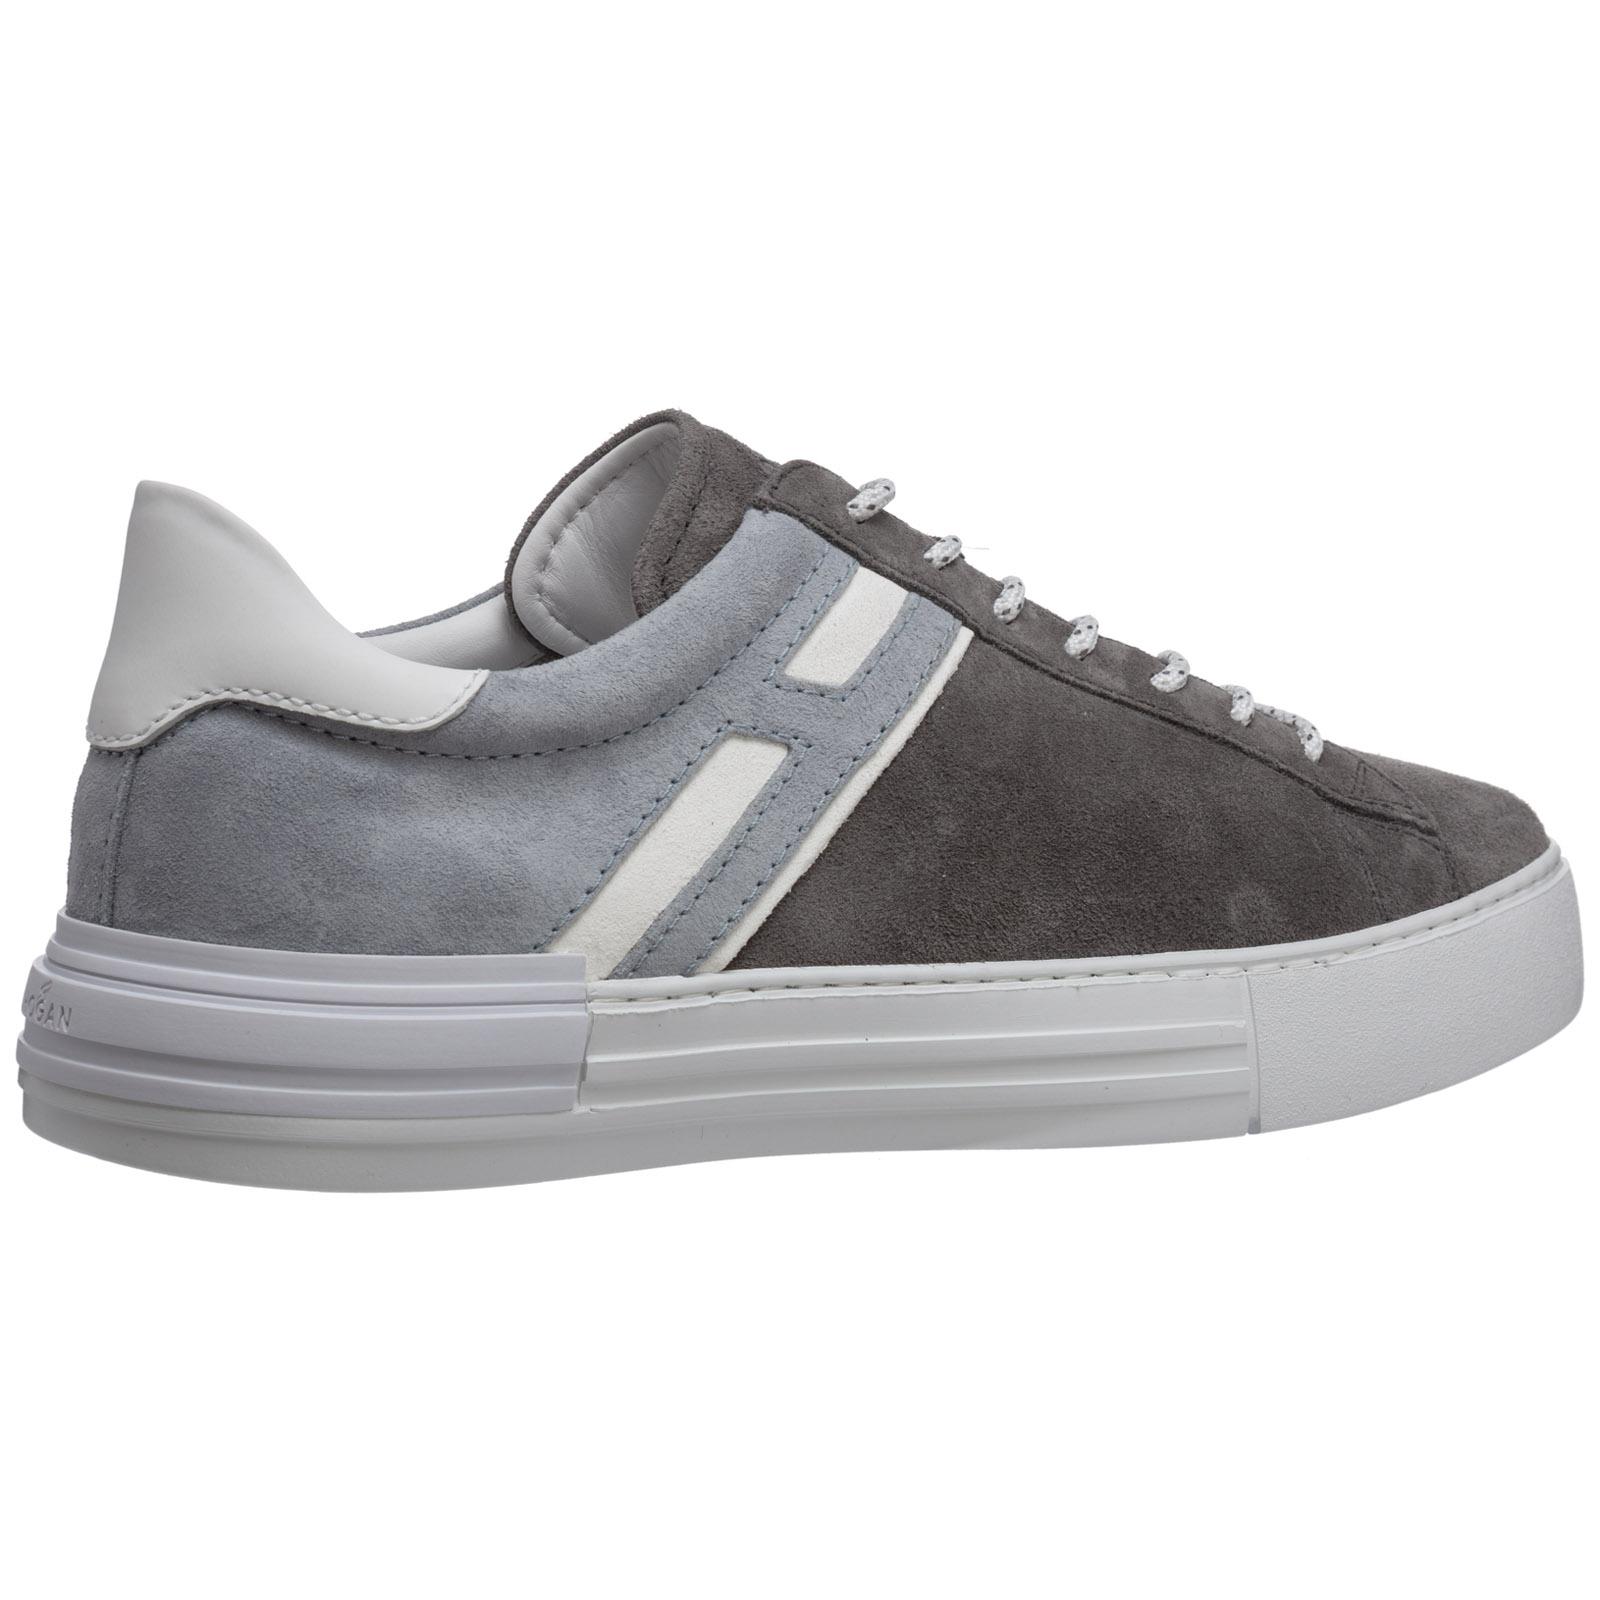 Sneakers Hogan rebel HXM5260CW00PFY683M grigio | FRMODA.com